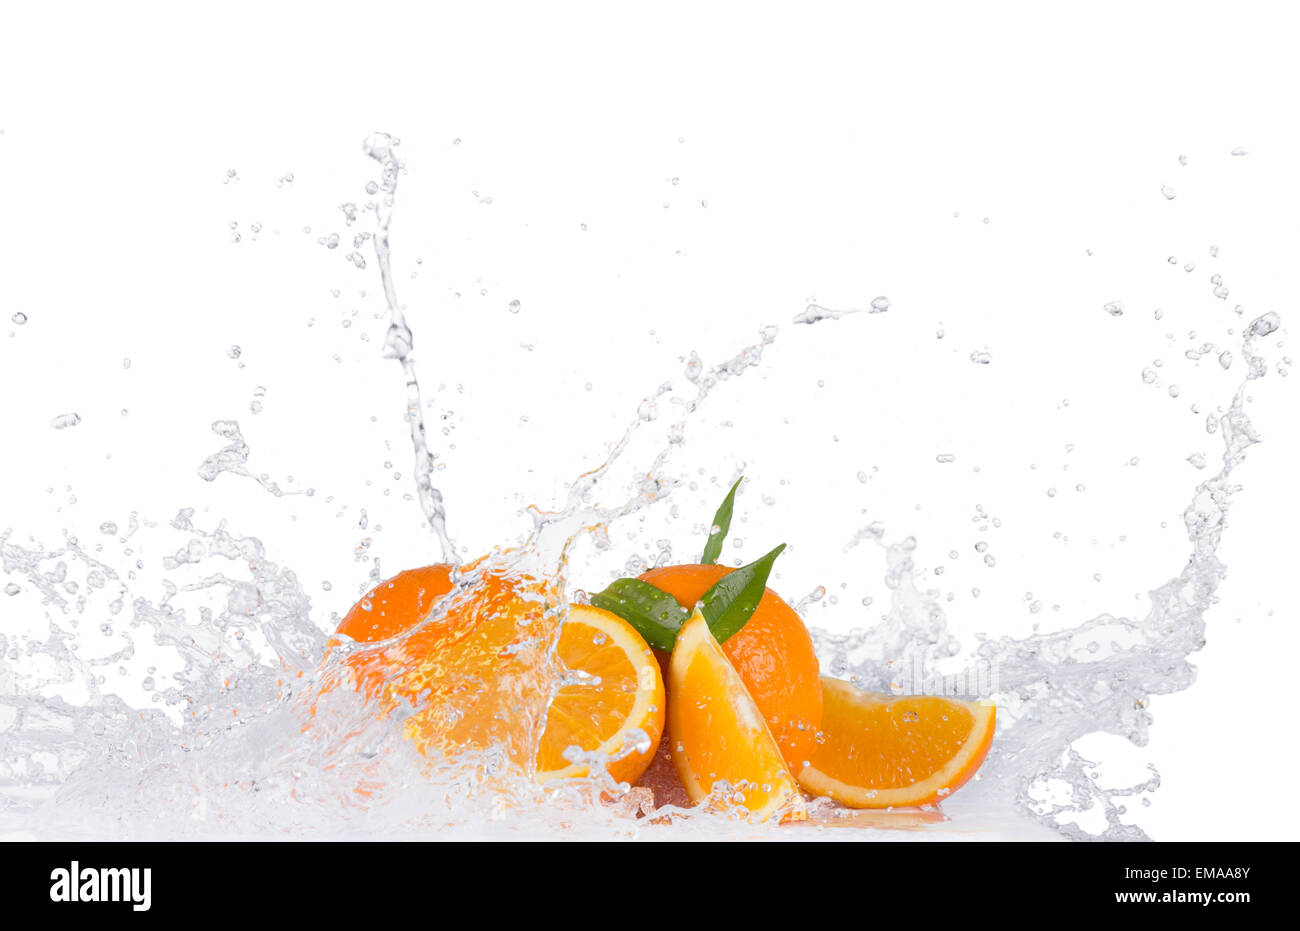 Fresh oranges with water splashes isolated on white background - Stock Image